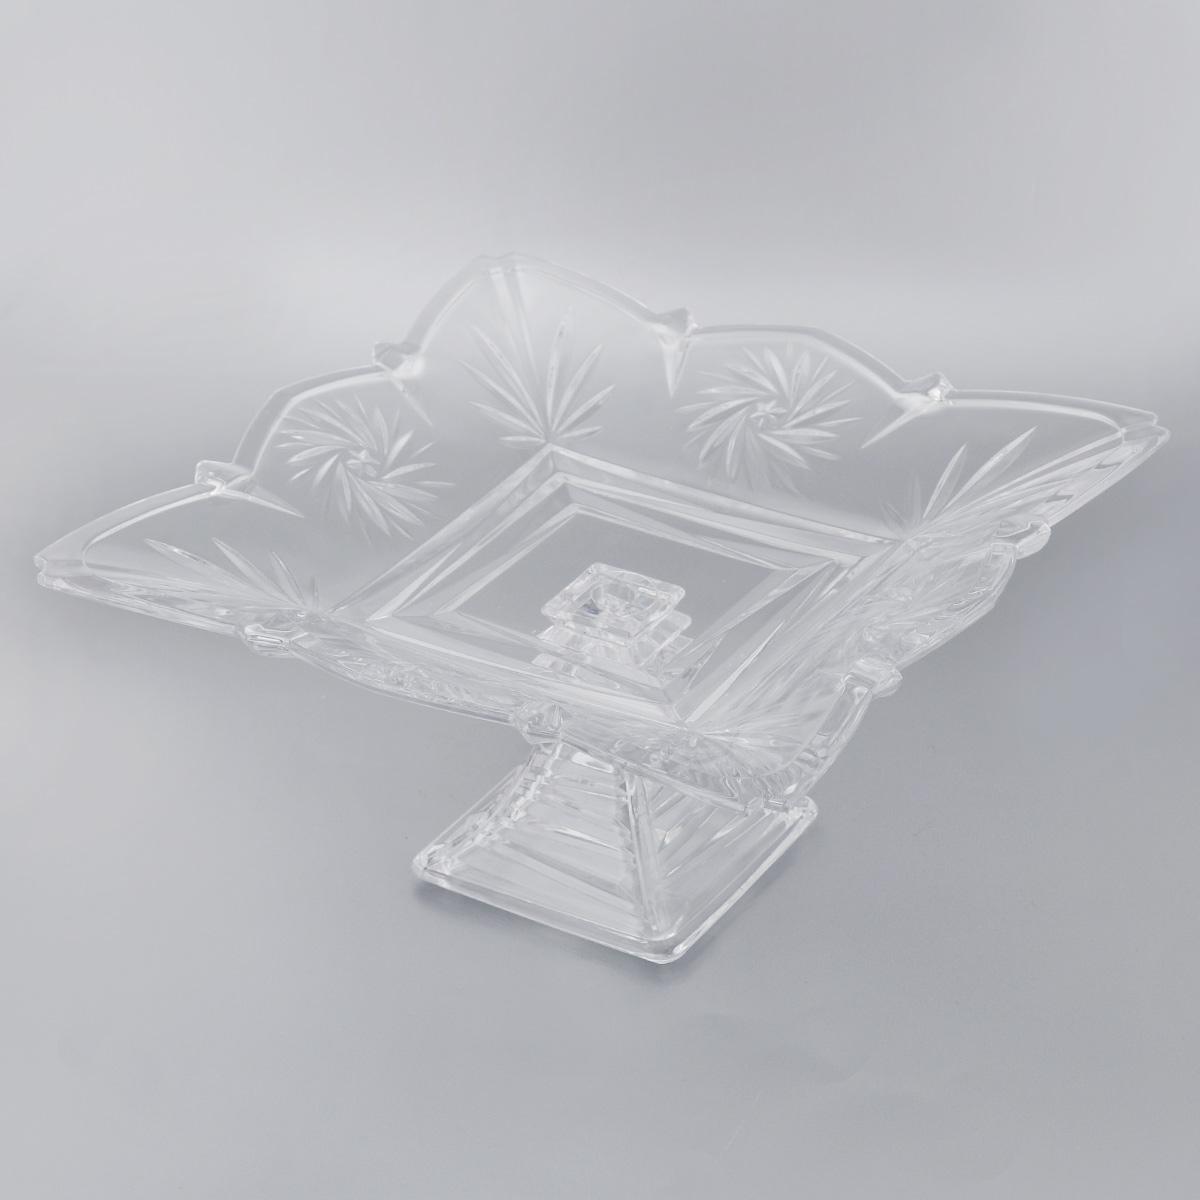 Конфетница на ножке Soga Picasso, 30 х 30 см115510Элегантная конфетница Soga Picasso на ножке, изготовленная из прочного стекла, имеет многогранную рельефную поверхность. Конфетница предназначена для красивой сервировки сладостей. Изделие придется по вкусу и ценителям классики, и тем, кто предпочитает утонченность и изящность. Конфетница Soga Picasso украсит сервировку вашего стола и подчеркнет прекрасный вкус хозяина, а также станет отличным подарком.Можно мыть в посудомоечной машине.Размер по верхнему краю: 30 х 30 см.Высота: 15,5 см.